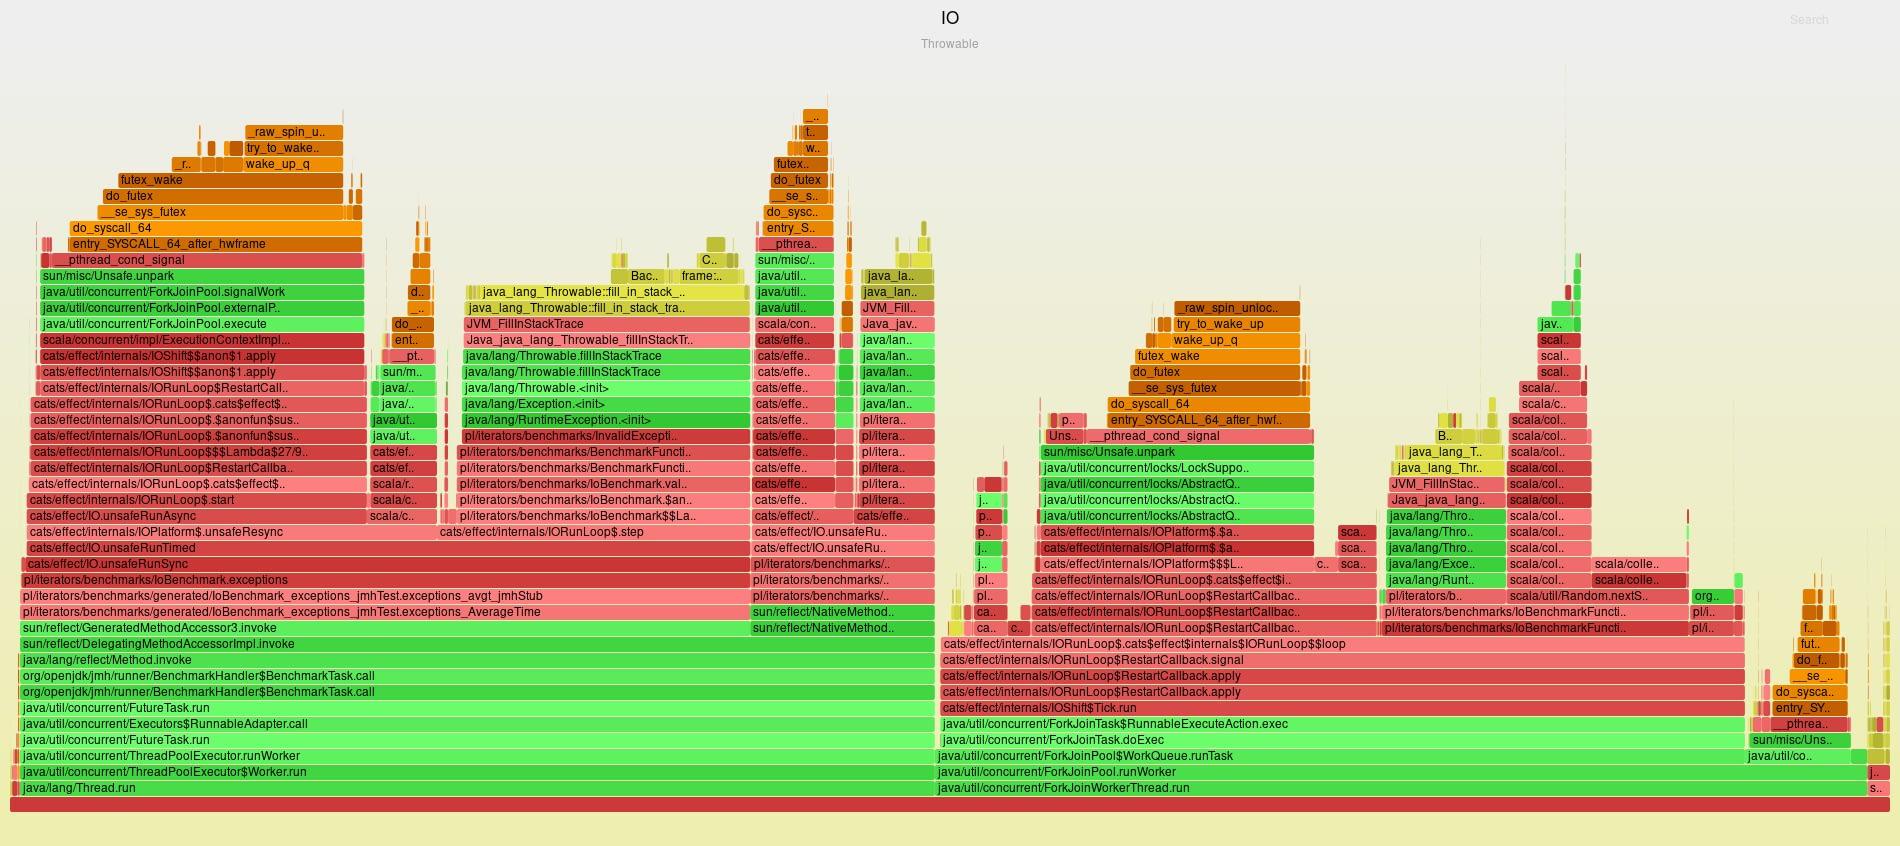 Flame graph of IO Throwable